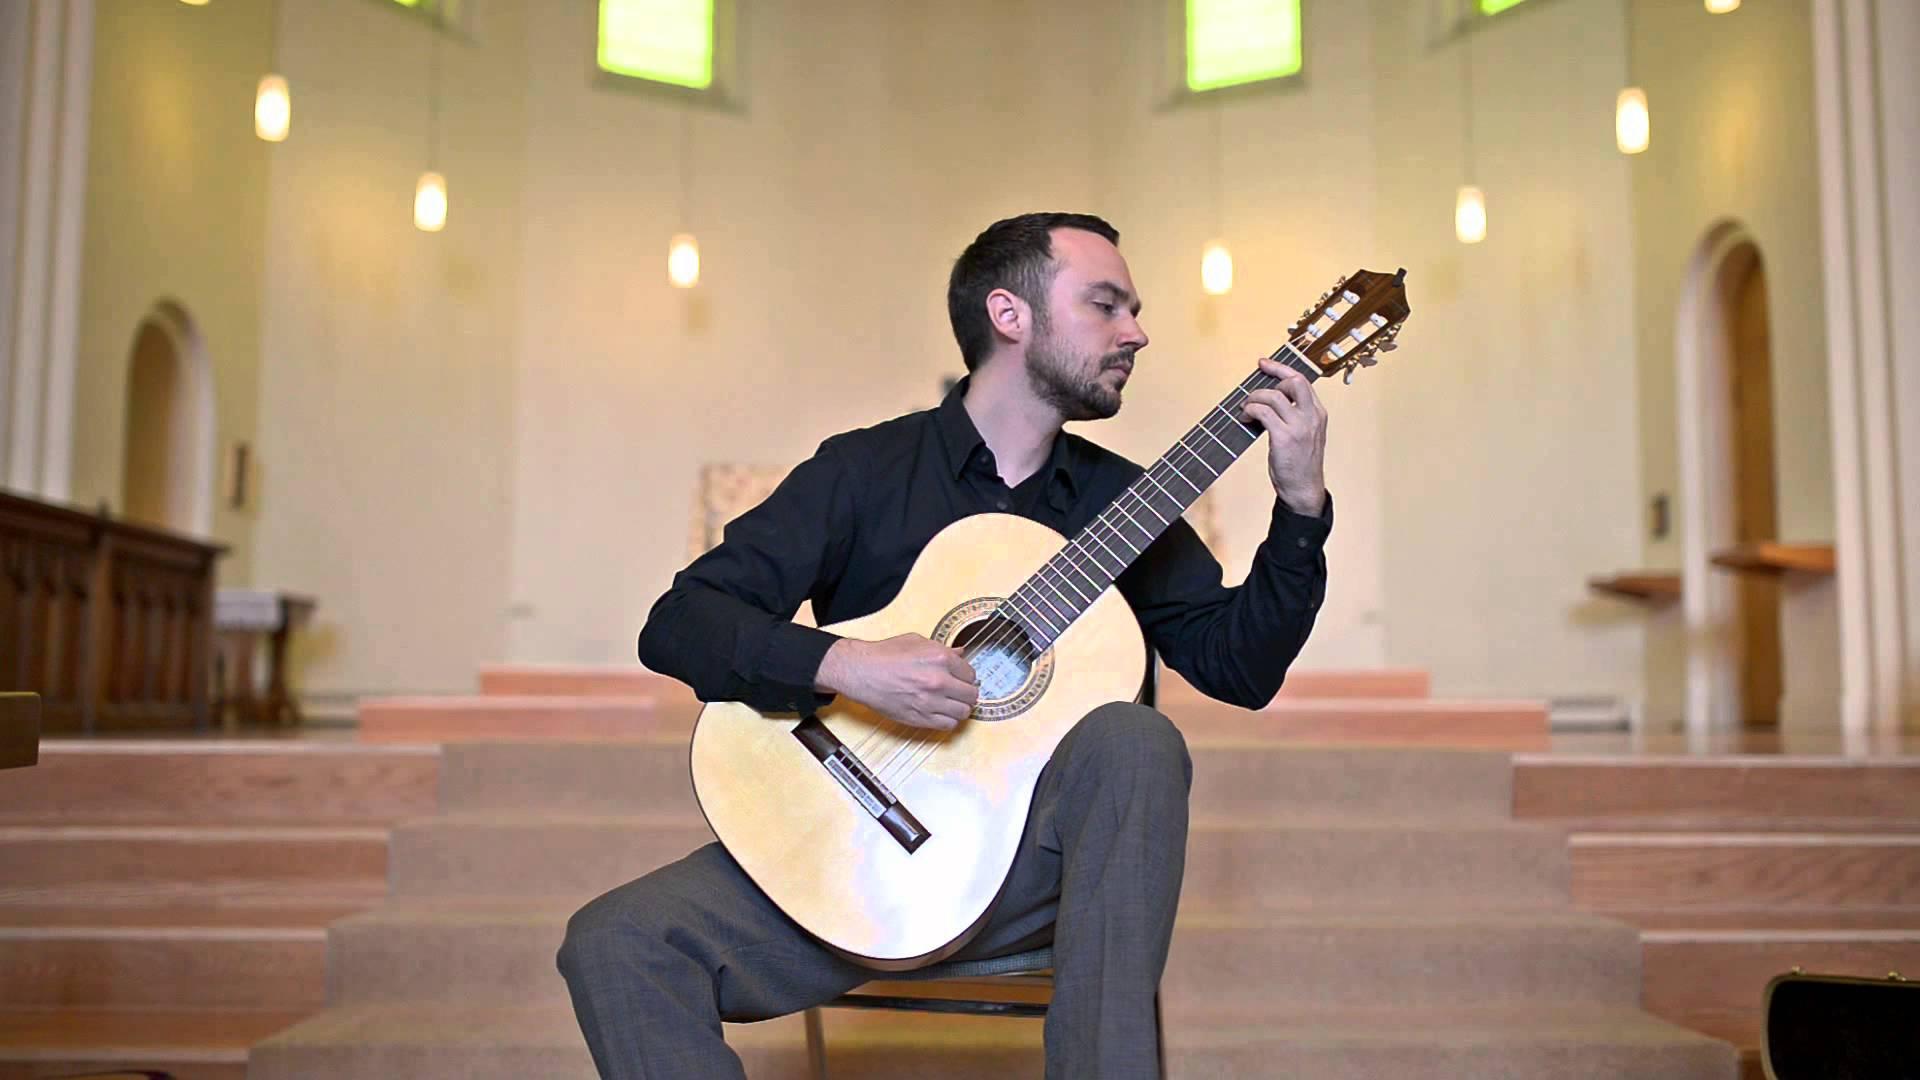 ドリュー・ヘンダーソンが弾くレニアーニの『カプリス32番』 重厚な美しい響きで描かれる小品